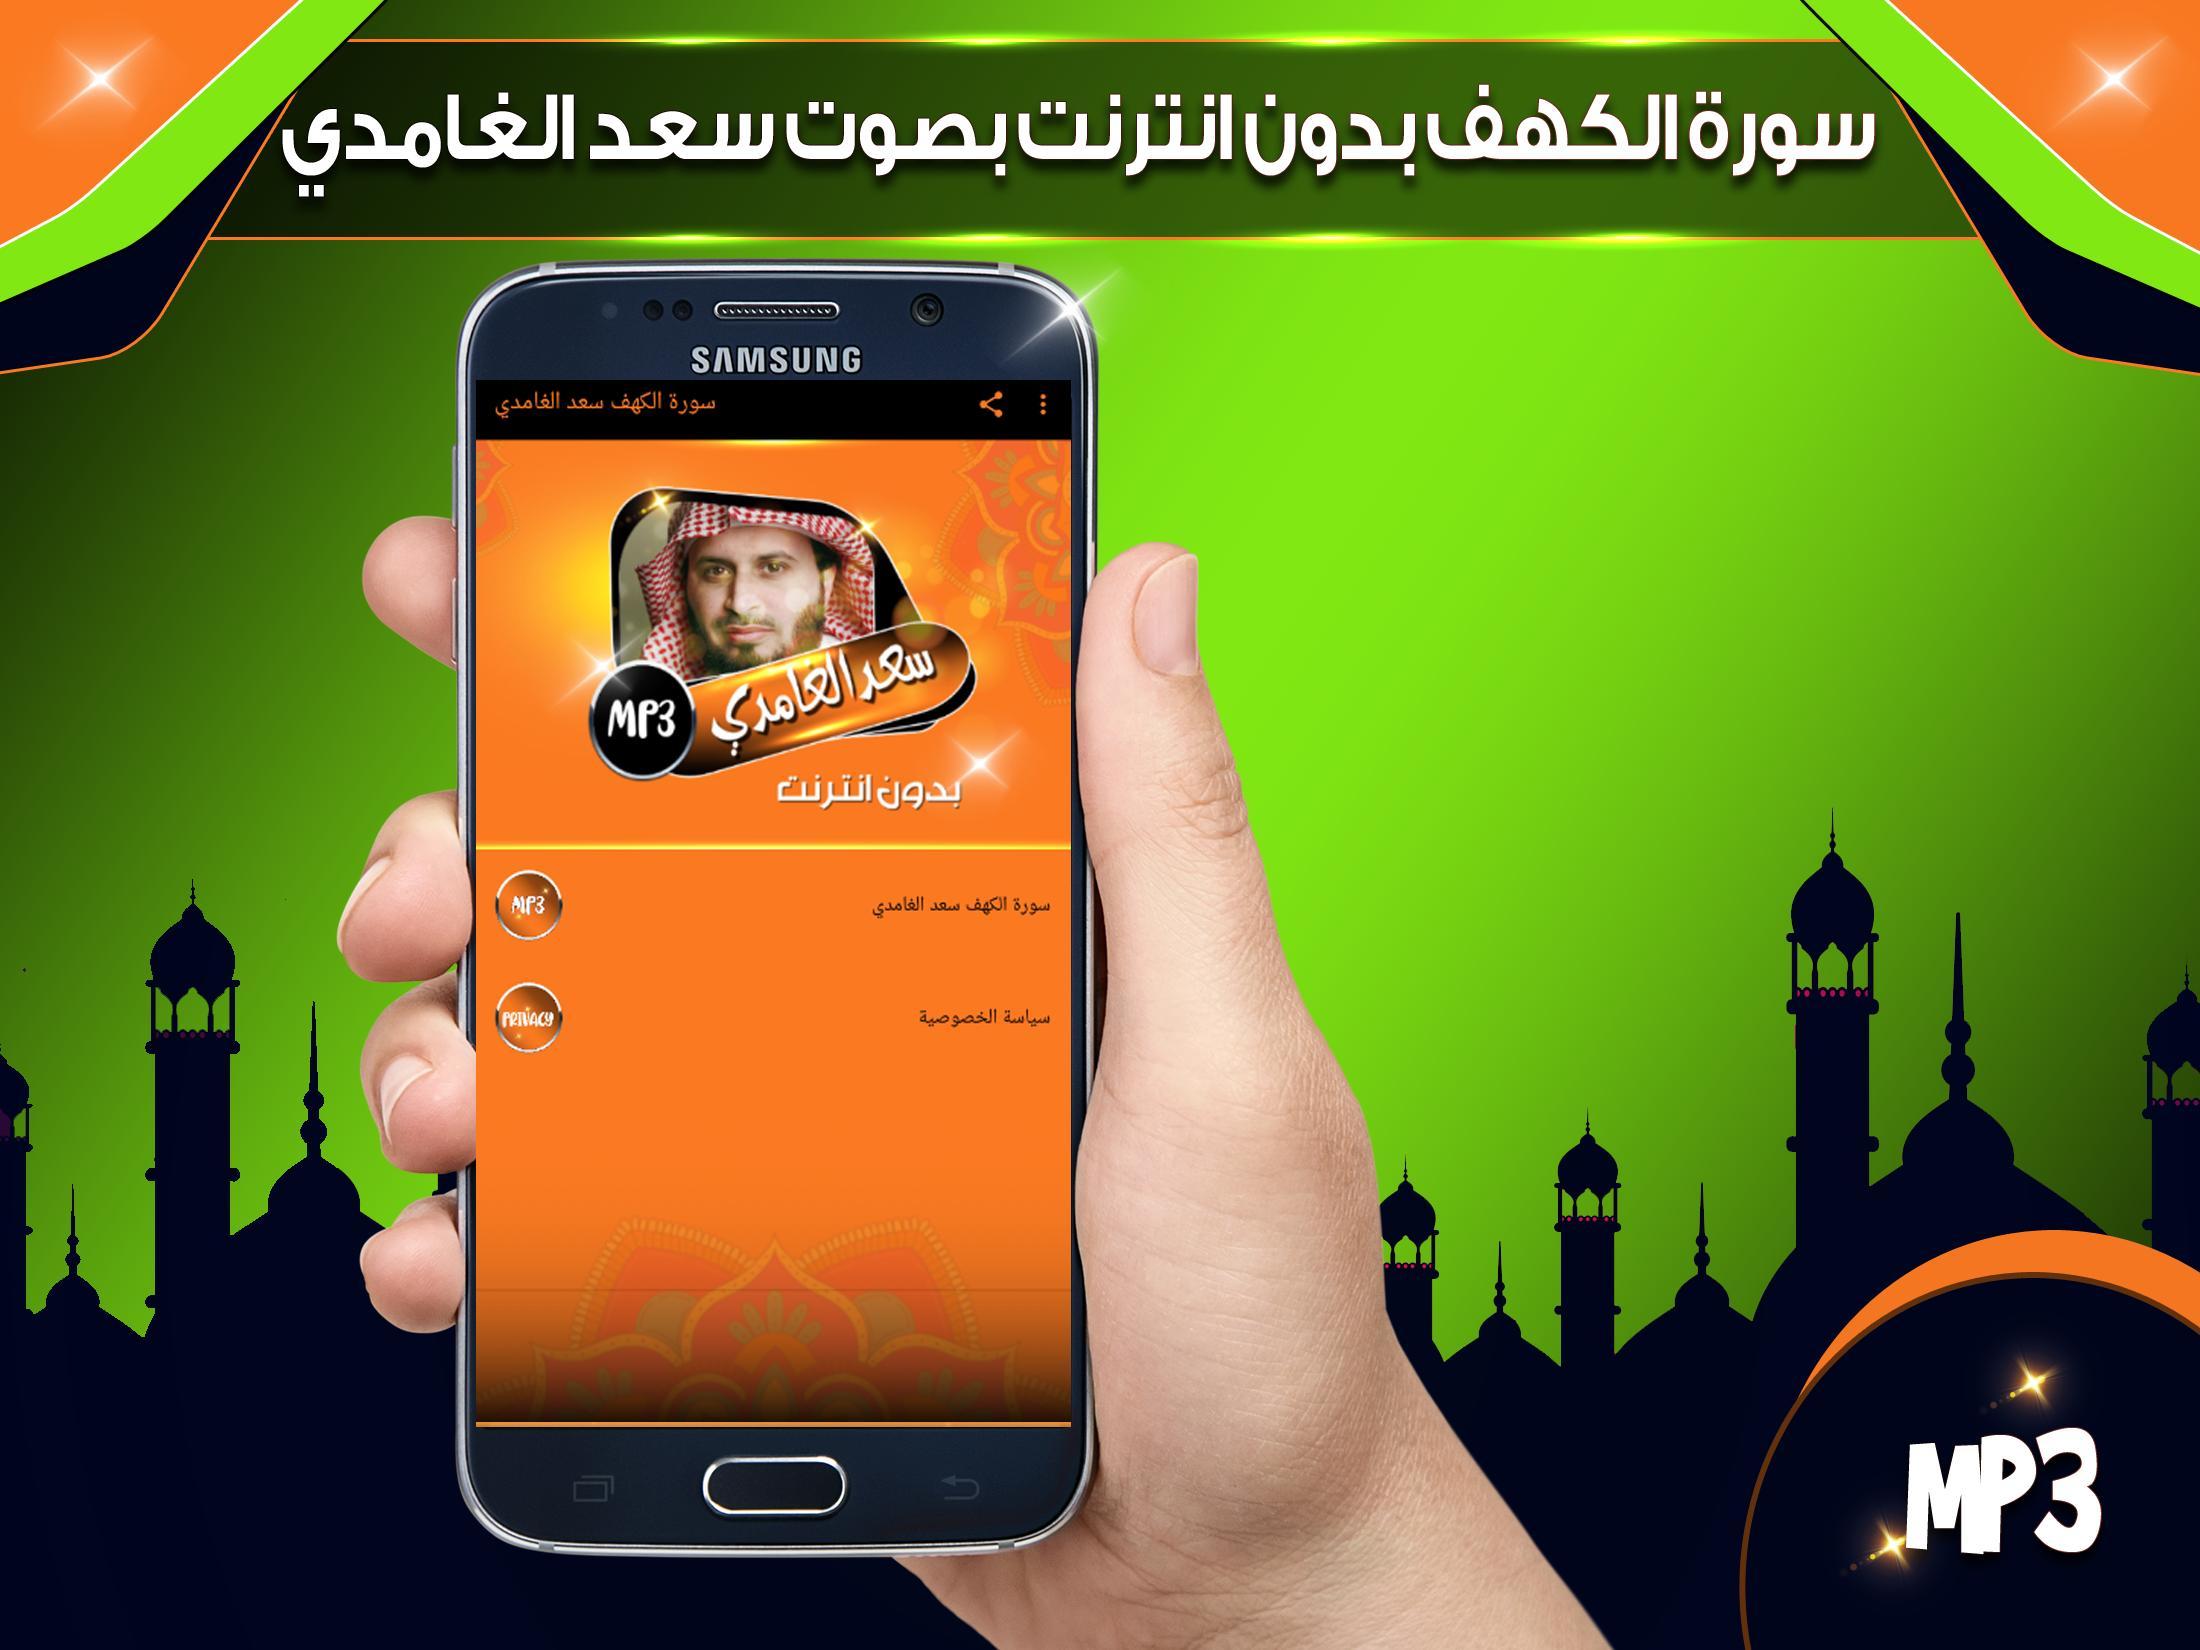 تحميل القران الكريم mp3 بصوت سعد الغامدي كامل مجانا